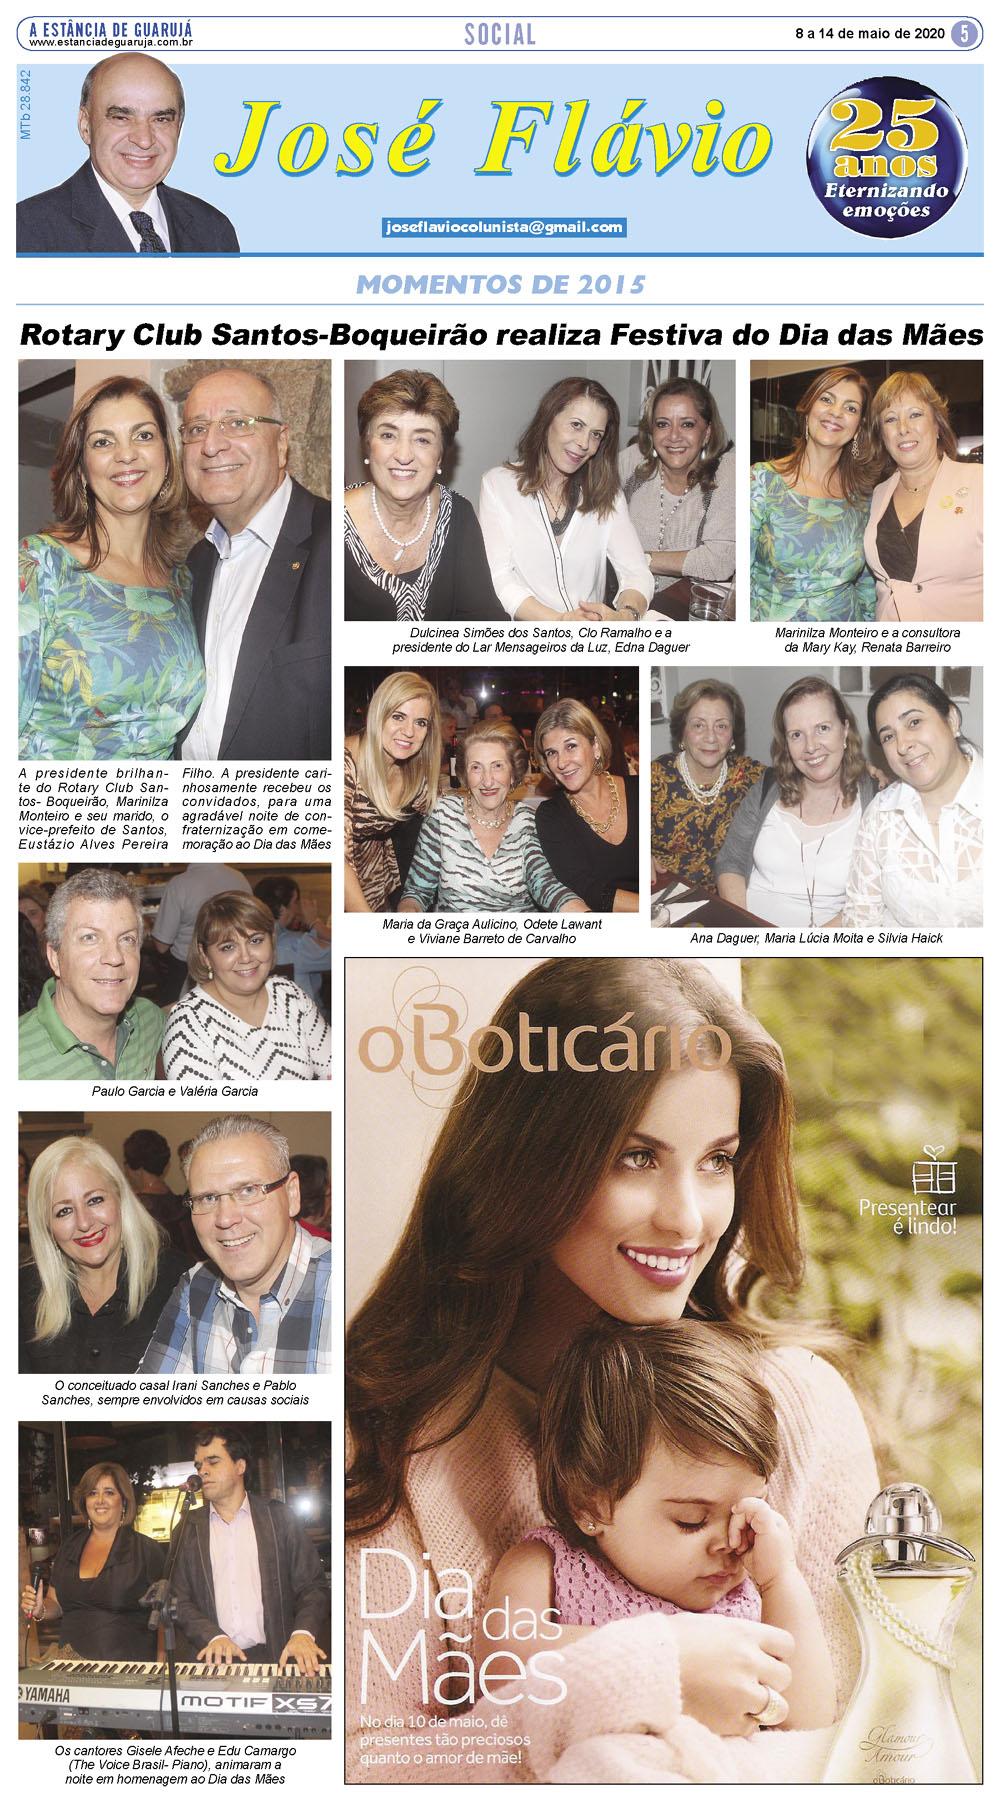 Rotary Club Santos-Boqueirão comemora o Dia das Mães